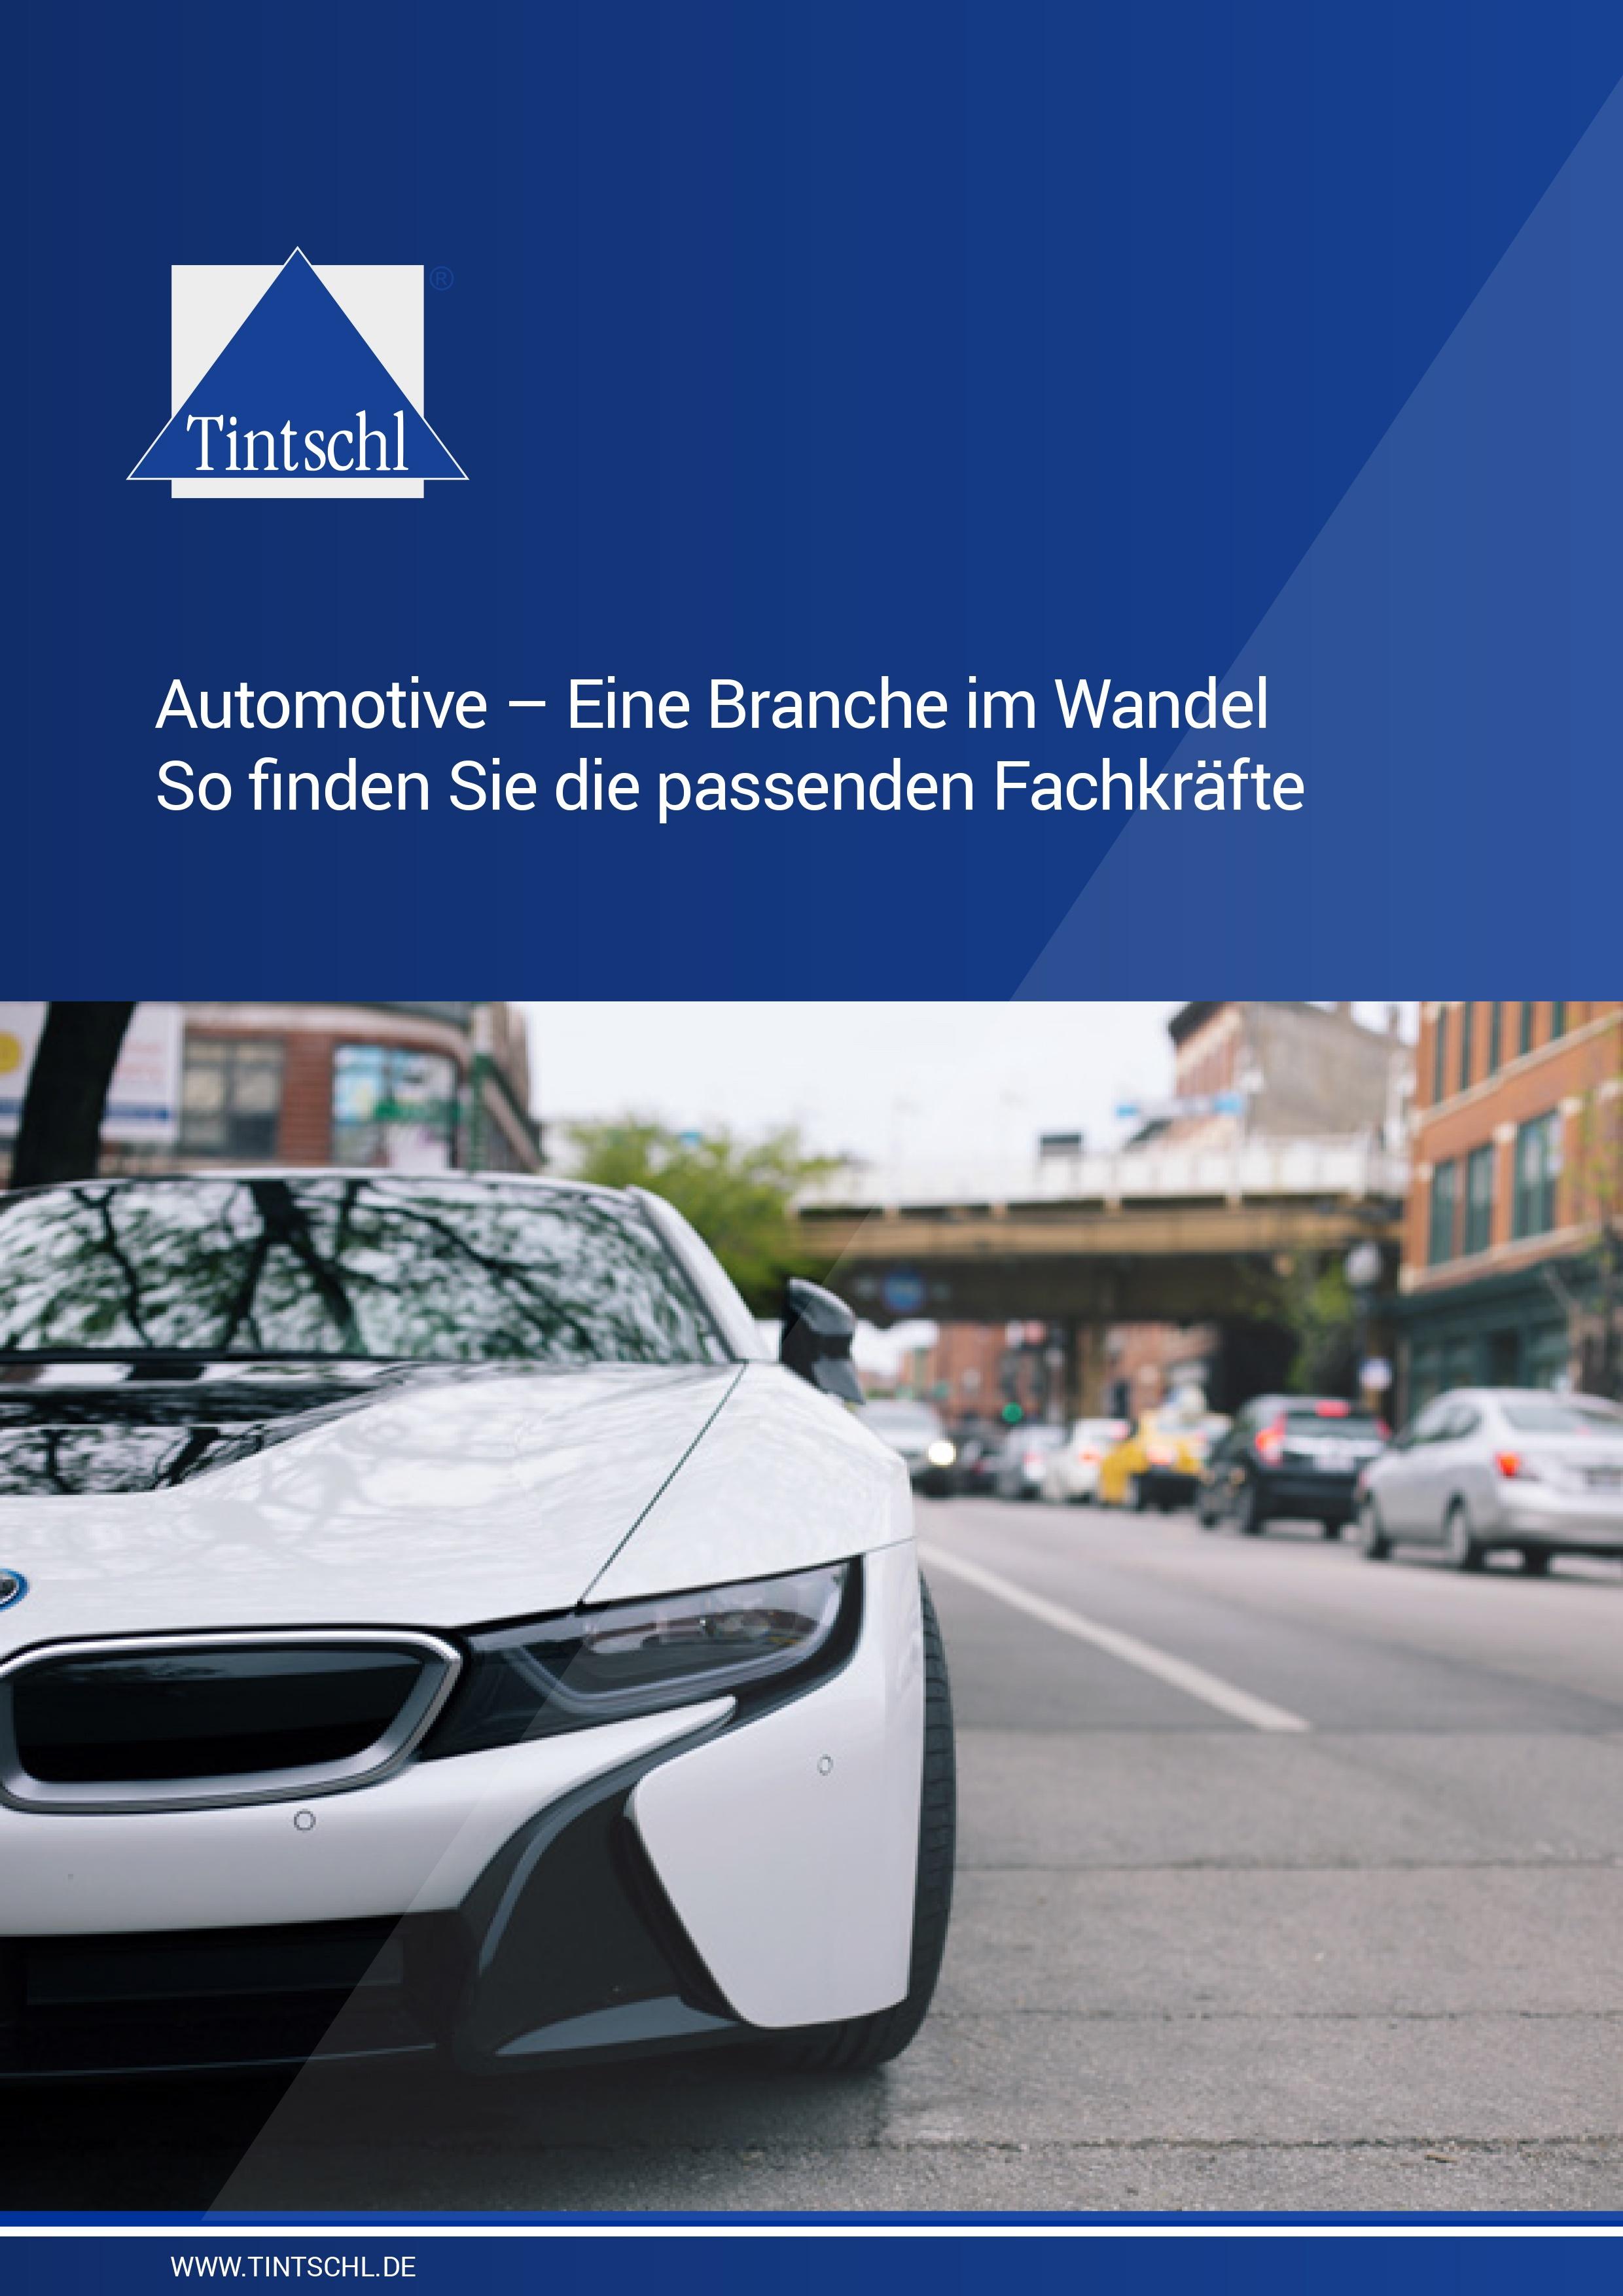 automotive-branche